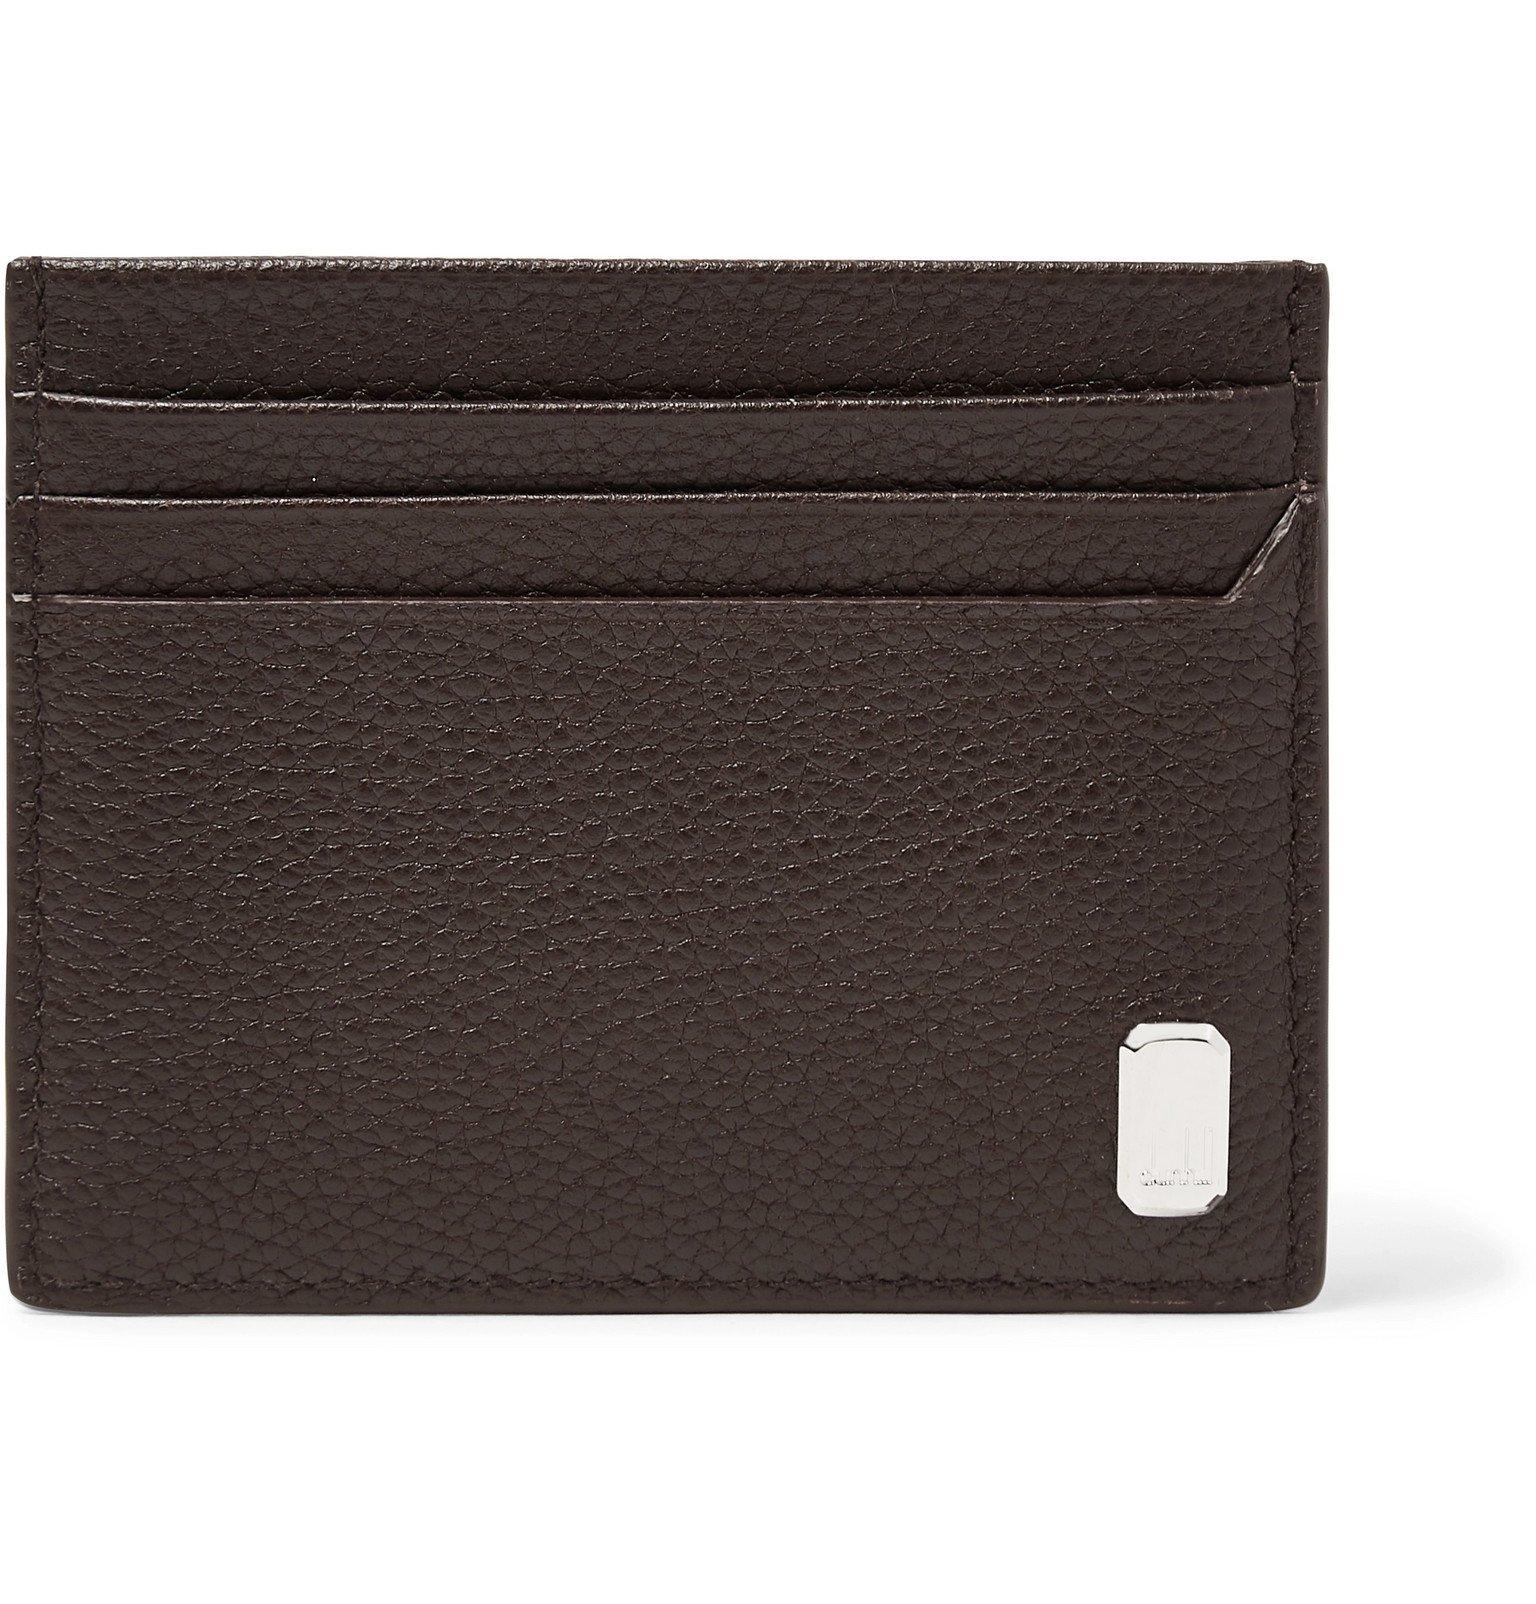 Dunhill - Belgrave Full-Grain Leather Cardholder - Brown